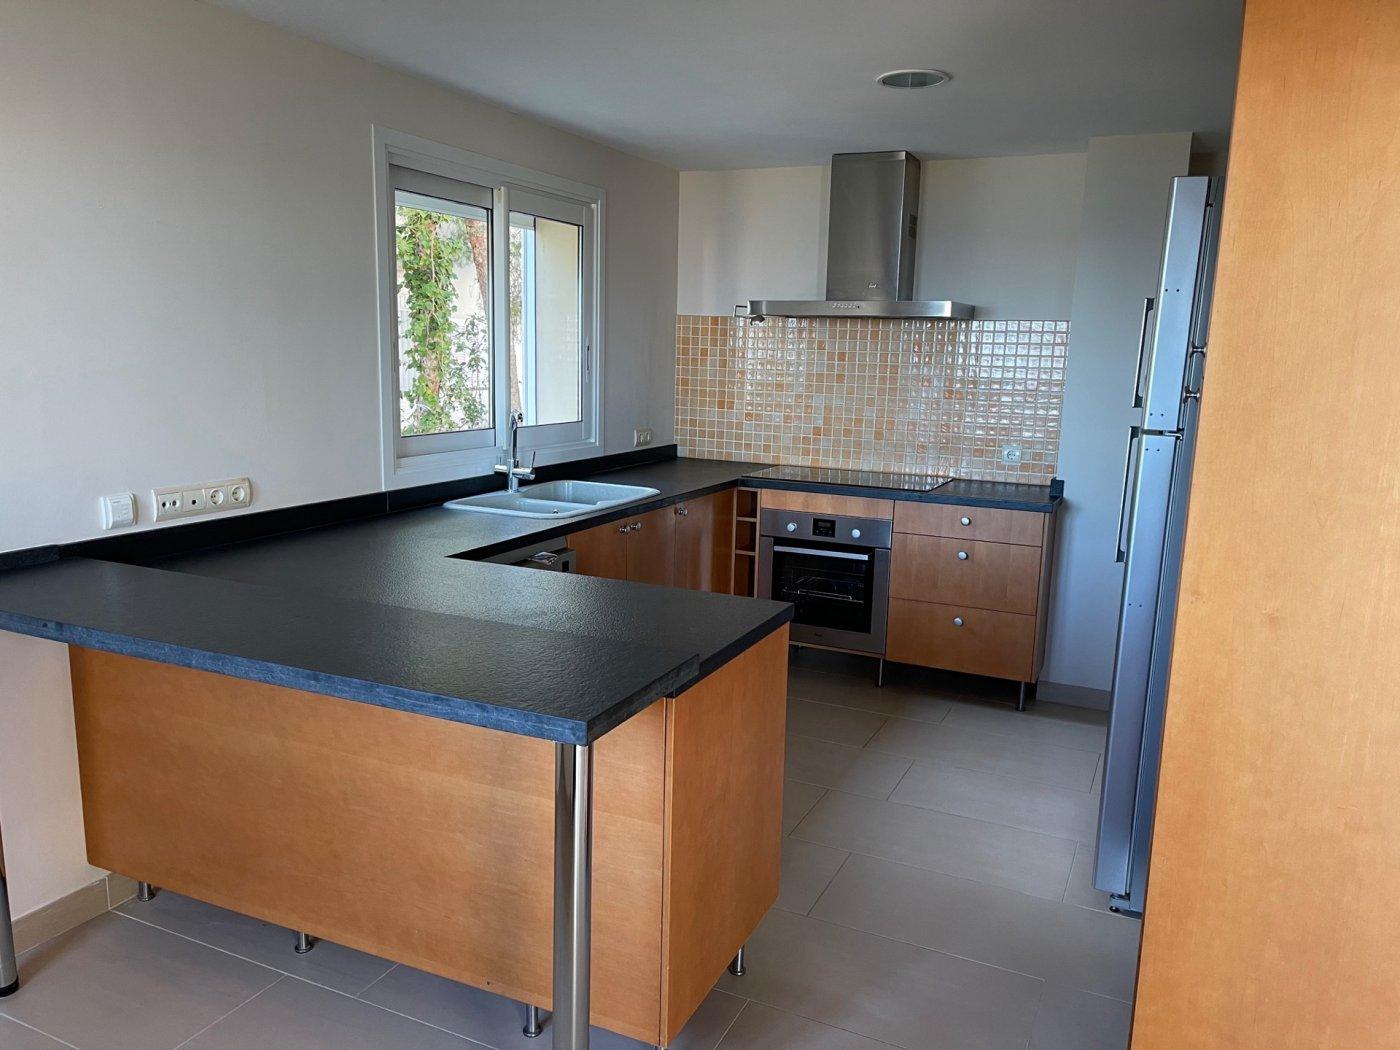 Elagante piso en alquiler en la zona de cas catalÁ, calviÁ - imagenInmueble8